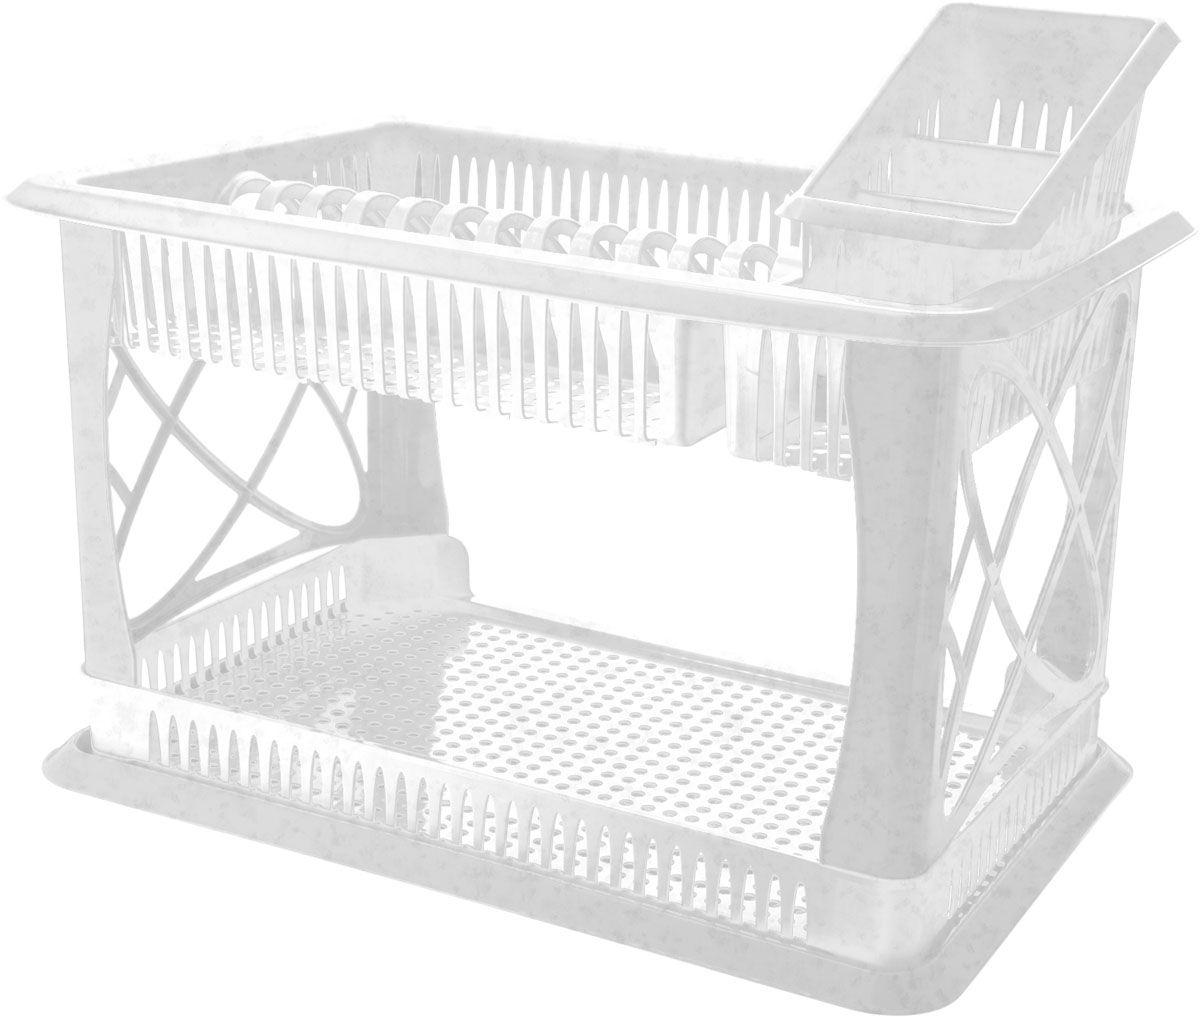 Сушилка для посуды Plastic Centre Лилия, 2-ярусная, с поддоном, с сушилкой для столовых приборов, цвет: мраморный, 49 х 17,5 х 32,5 смПЦ1558ГЛПДвухъярусная сушилка для посуды выполнена из пластика. Изделие оснащено поддоном для стекания воды и подставкой для столовых приборов и стаканов. Сушилка может быть установлена как на столе, так и подвешена на стену при помощи крючков (не входят в комплект). Размер сушилки (с учетом подставок): 49 х 17,5 х 32,5 см. Размер поддона: 47 х 30 х 2,5 см.